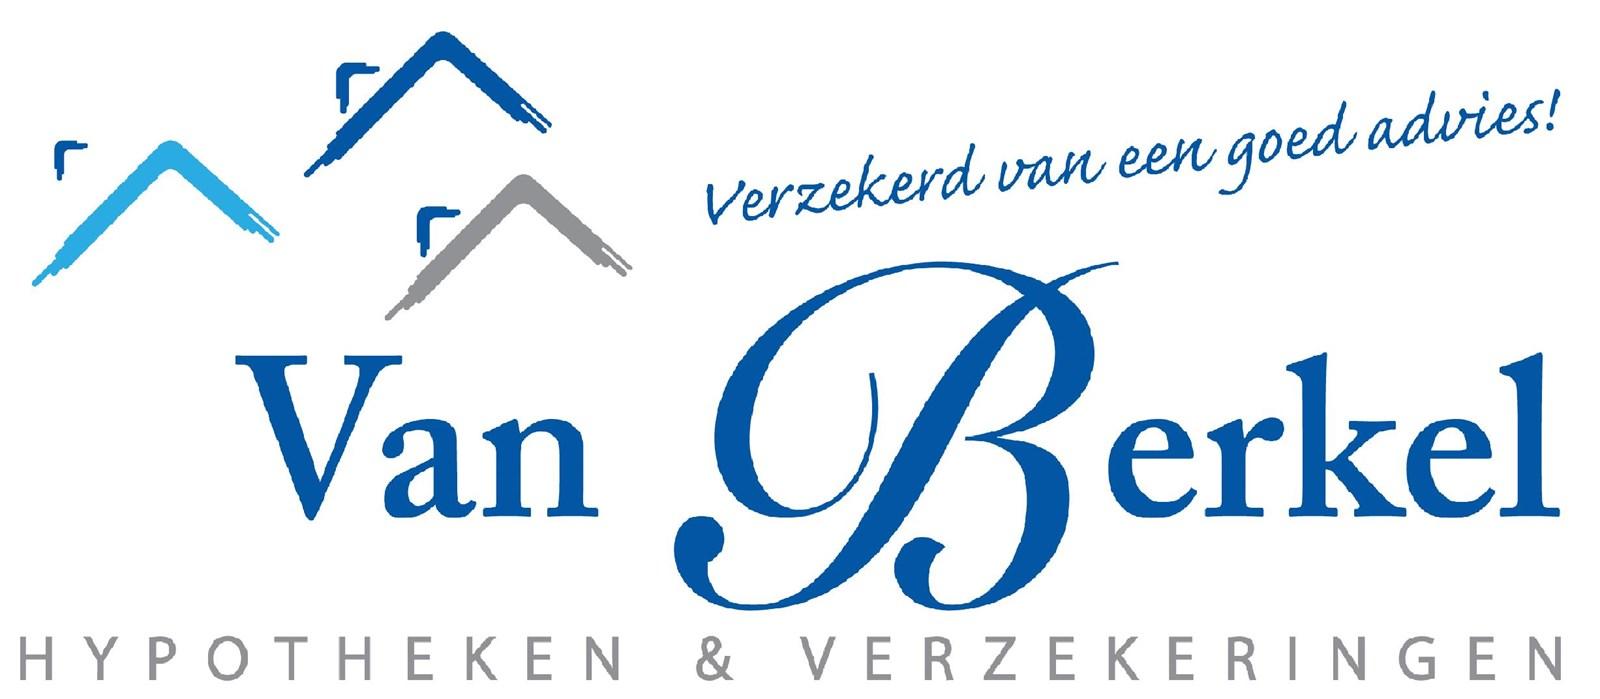 Logo van Van Berkel hypotheken & verzekeringen